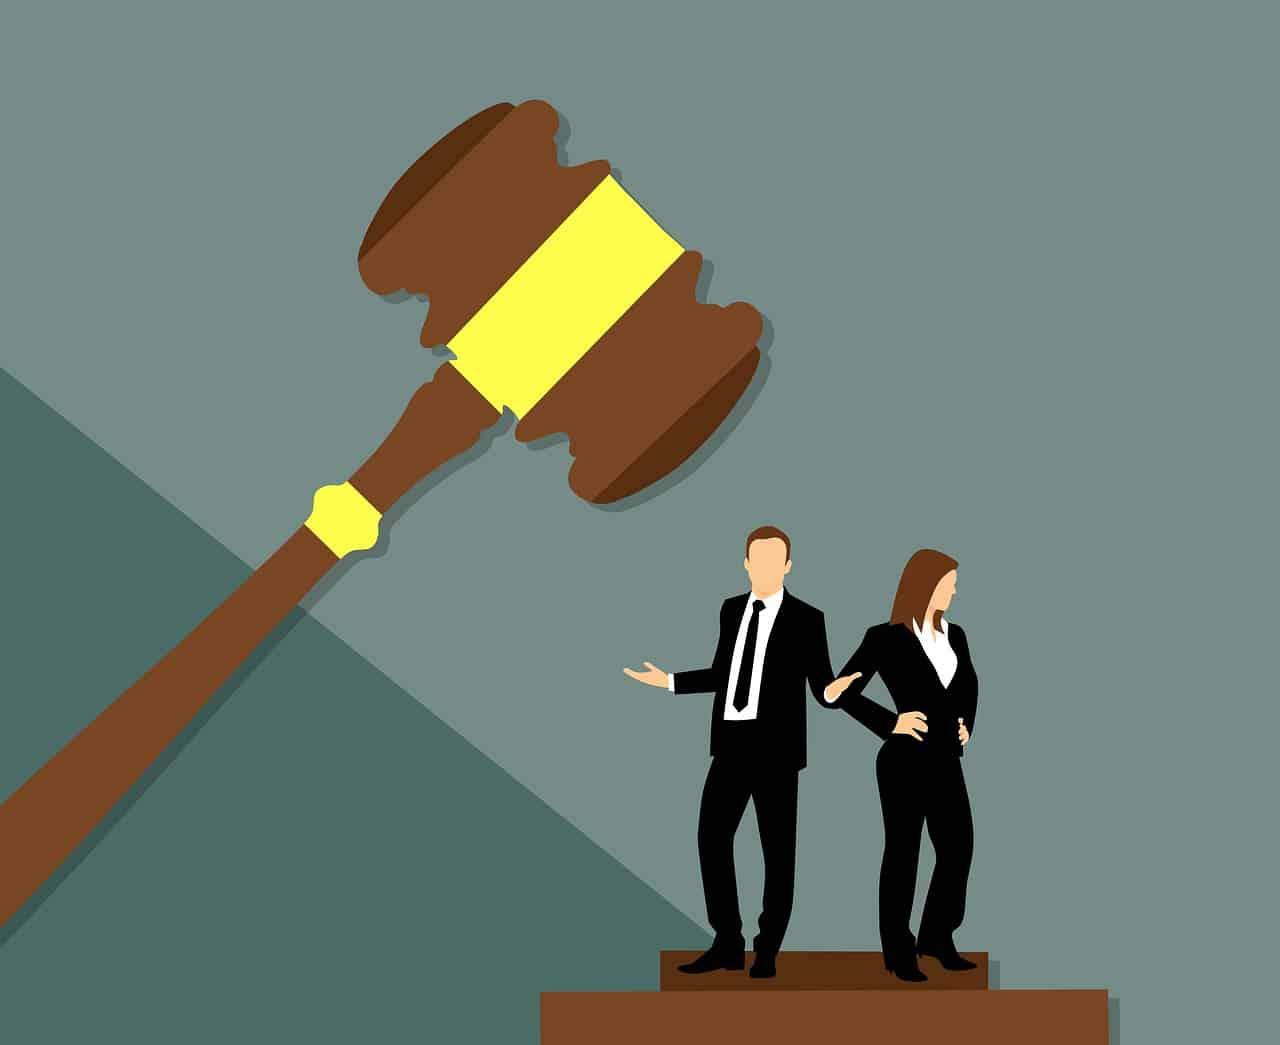 אנשי עריכת דין